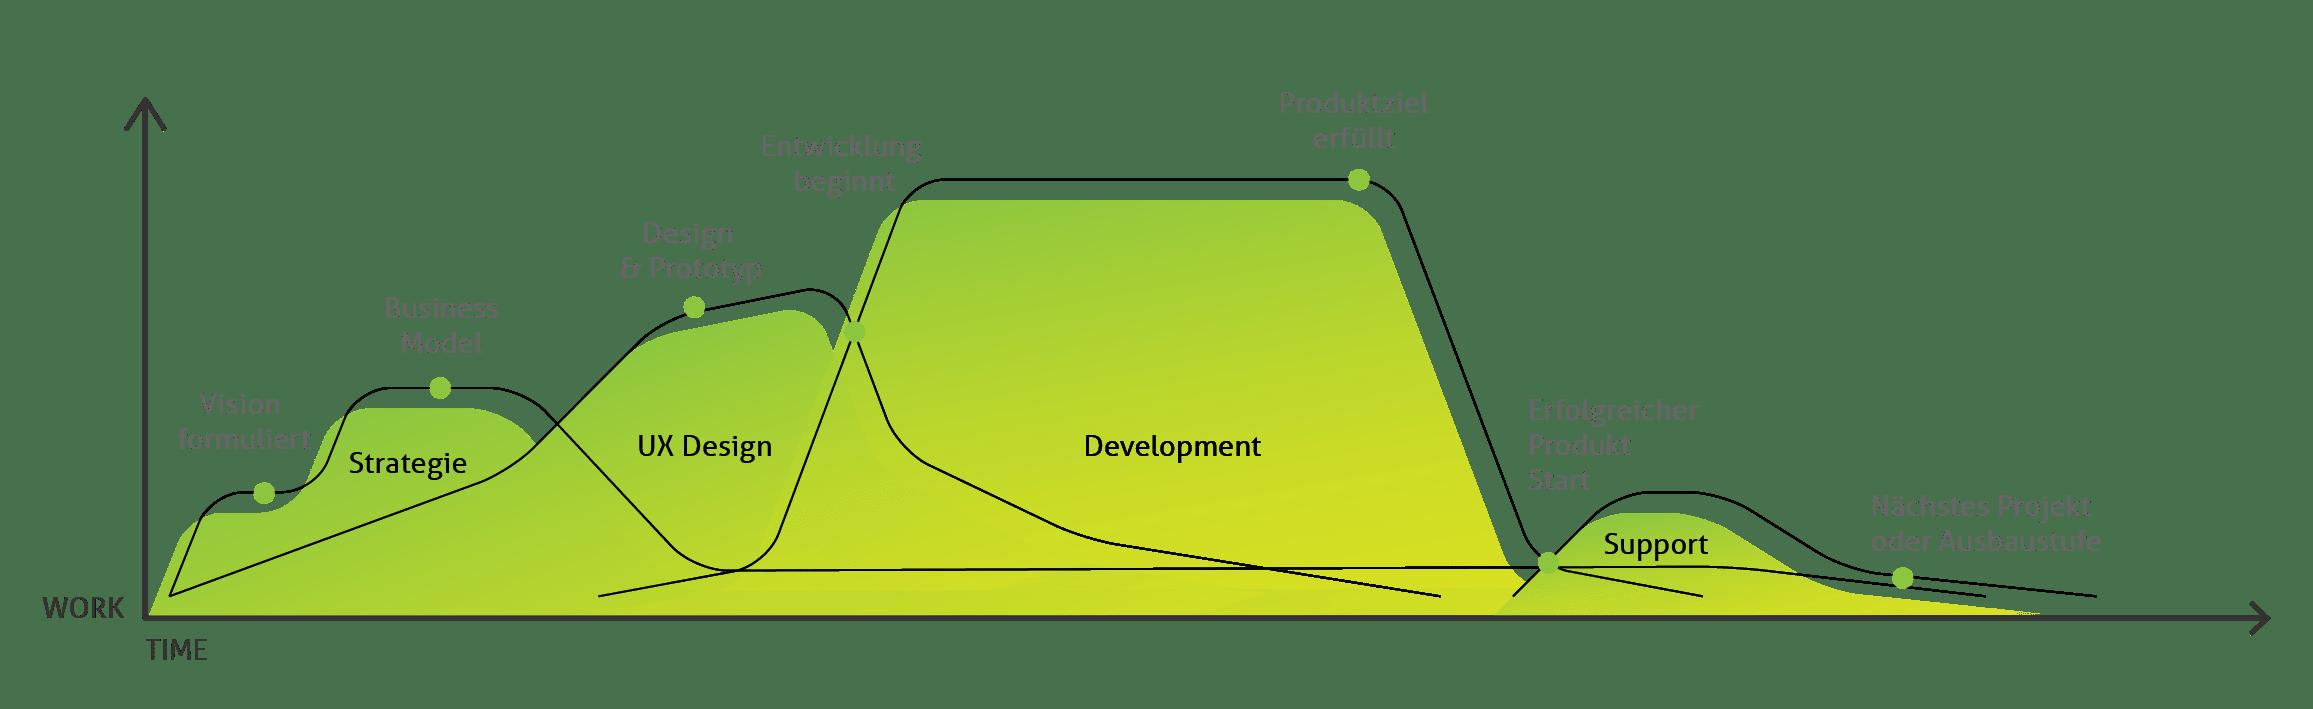 Nachhaltiger Entwicklungsprozess mit Einbindung von UX und Design Thinking